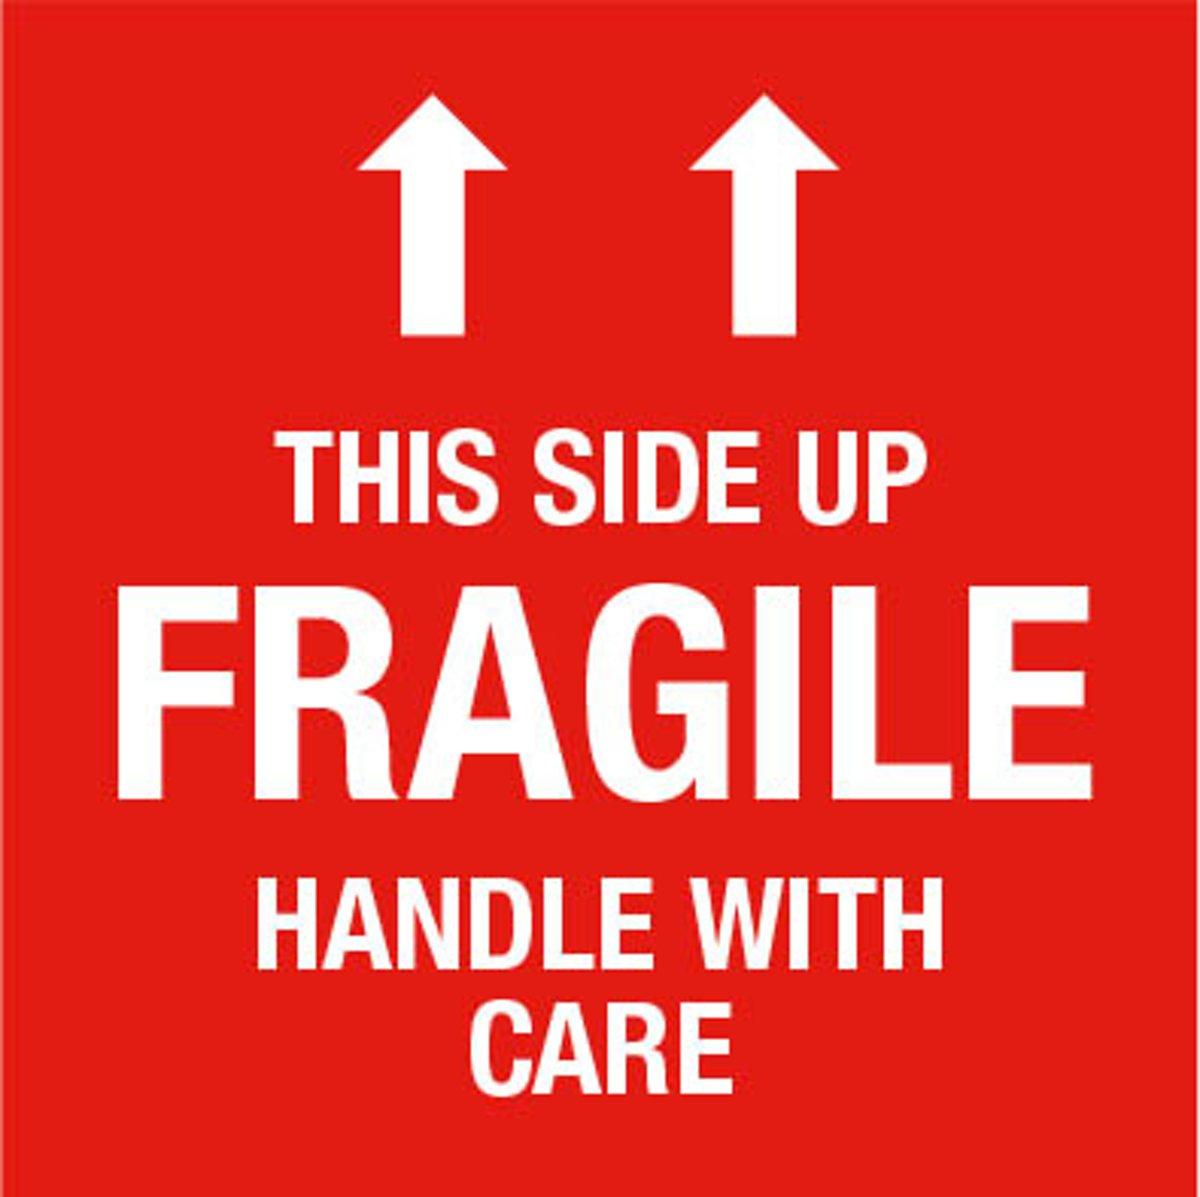 Bol com verhuis stickers breekbaar fragile 25 stuks